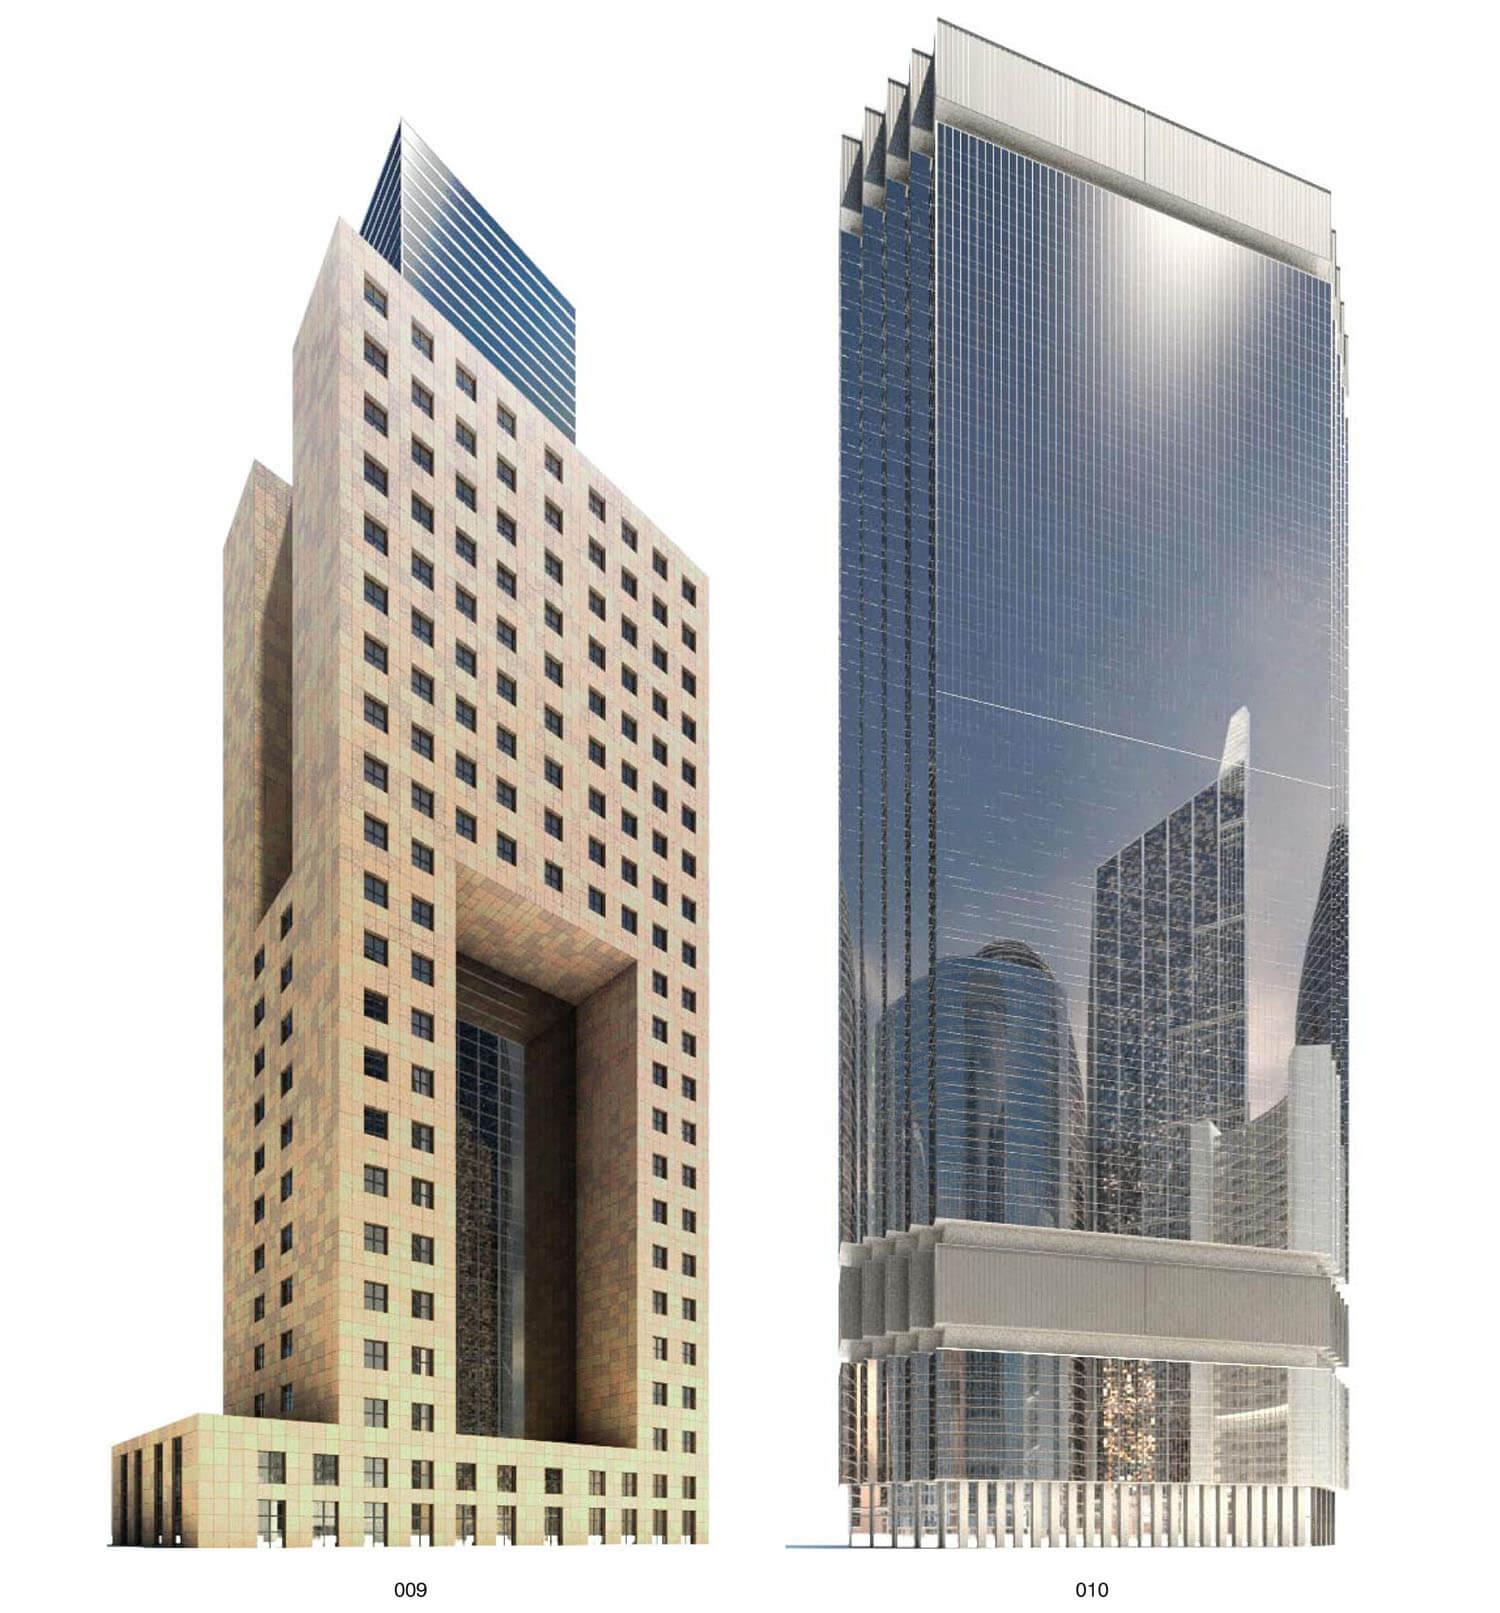 Building với hình khối độc đáo, khiến người xem phải ngắm nghía kĩ từng chi tiết